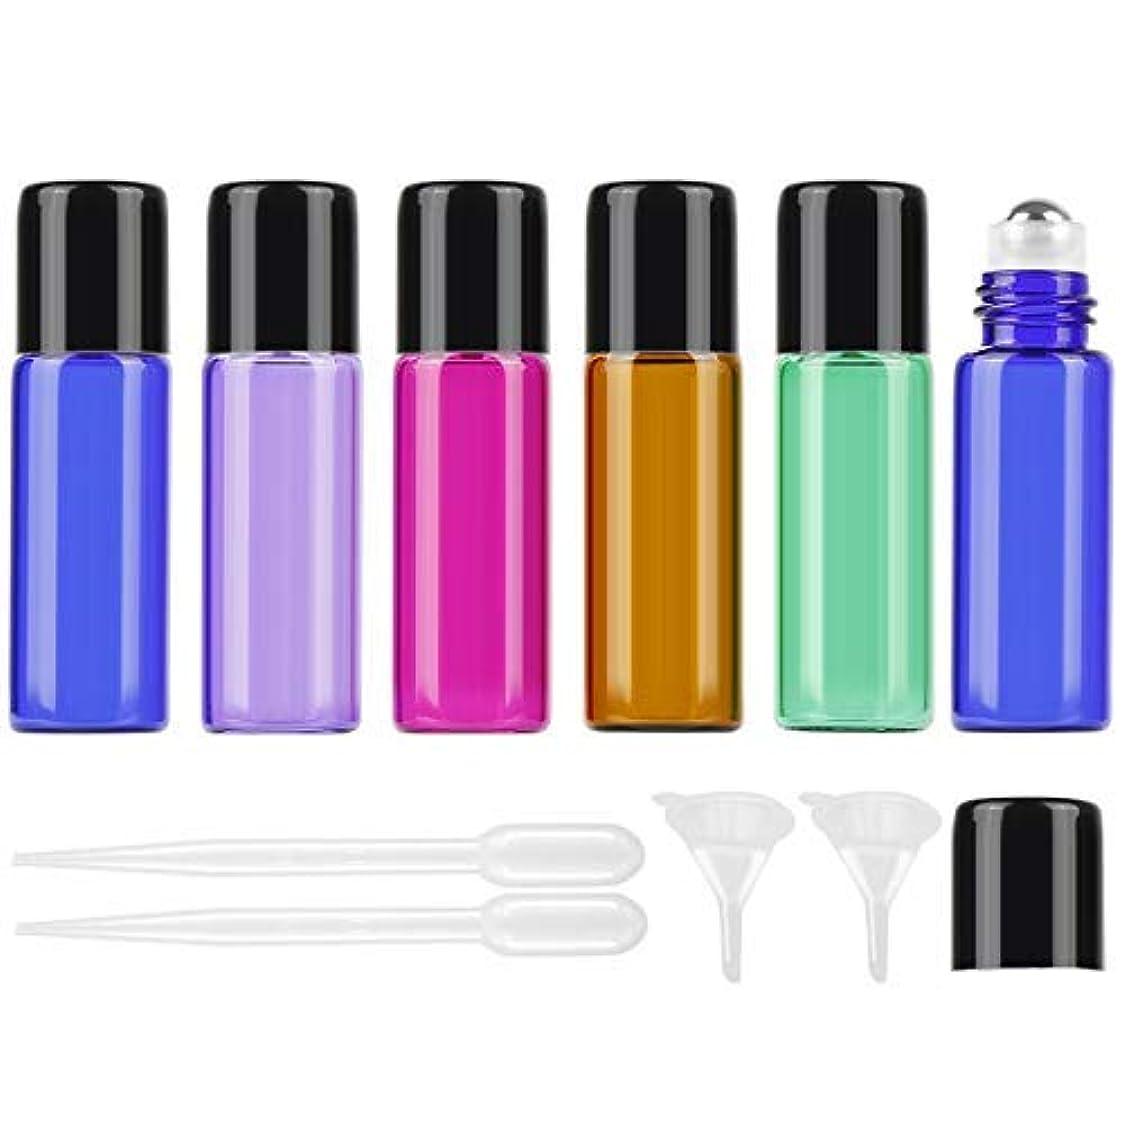 したがって独特の青写真25Pcs 5ml Colored Essential Oil Roller Bottles Vials Glass Cosmetic Travel Containers with Stainless Steel Roller...